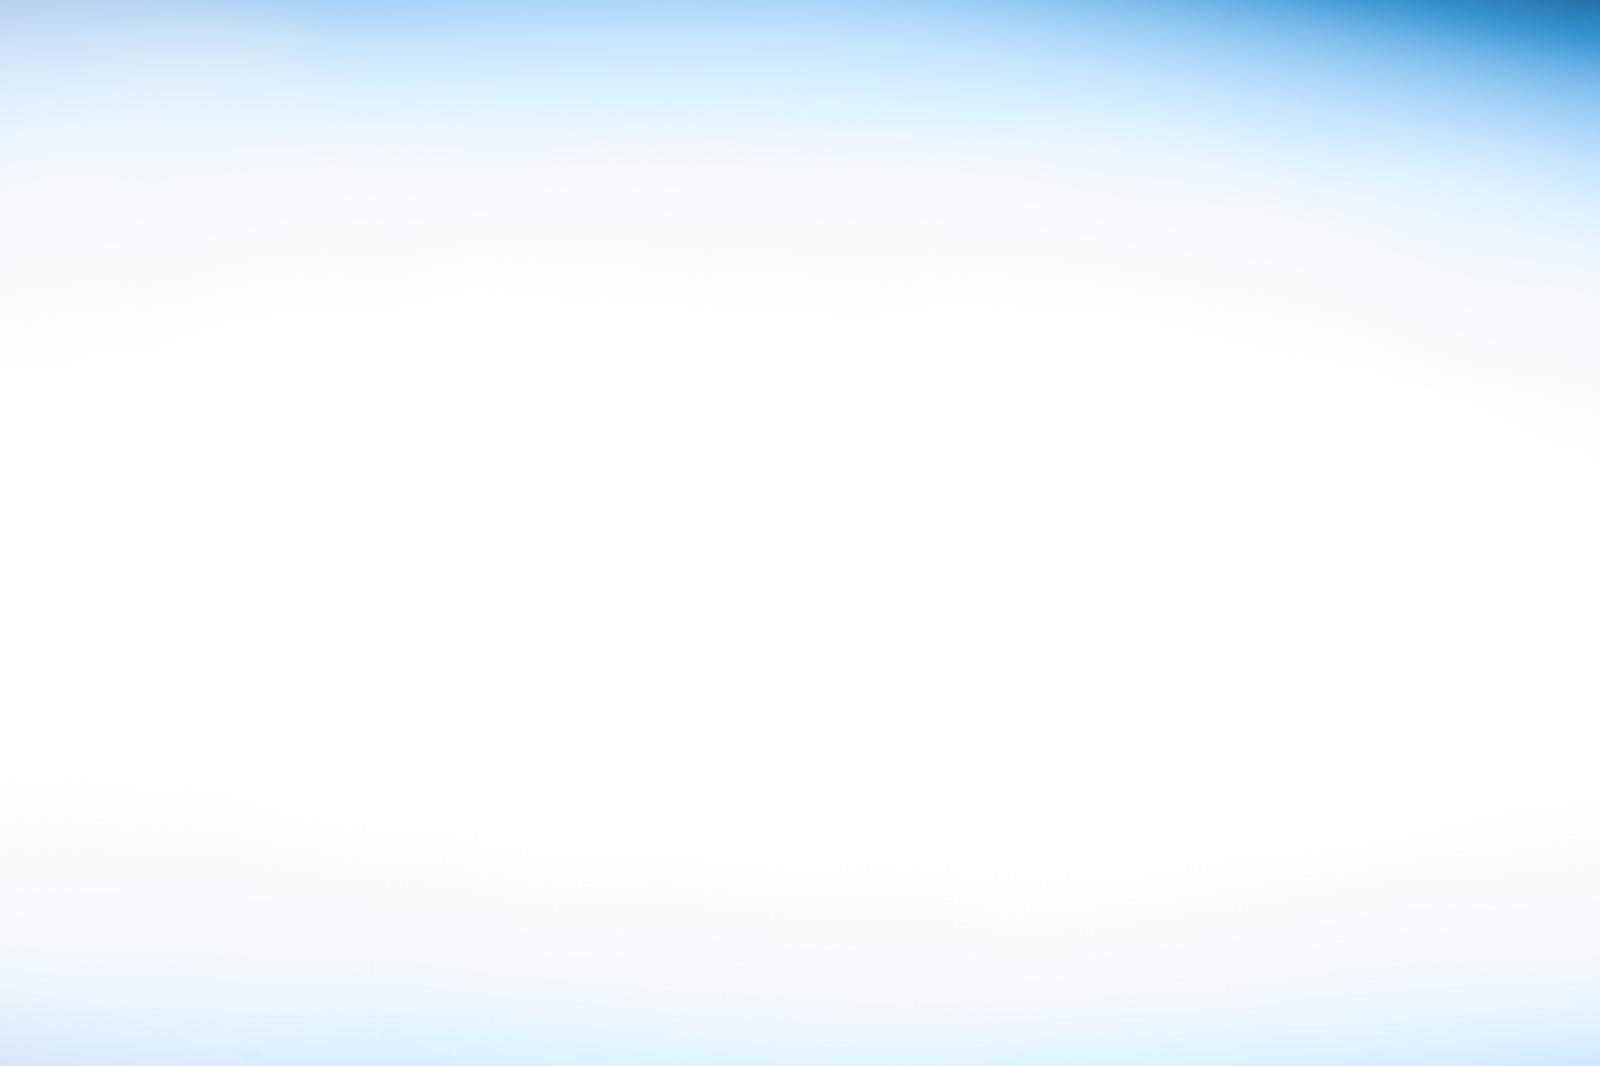 「プレゼンの背景に使いやすい薄いブルーのボケ写真プレゼンの背景に使いやすい薄いブルーのボケ写真」のフリー写真素材を拡大